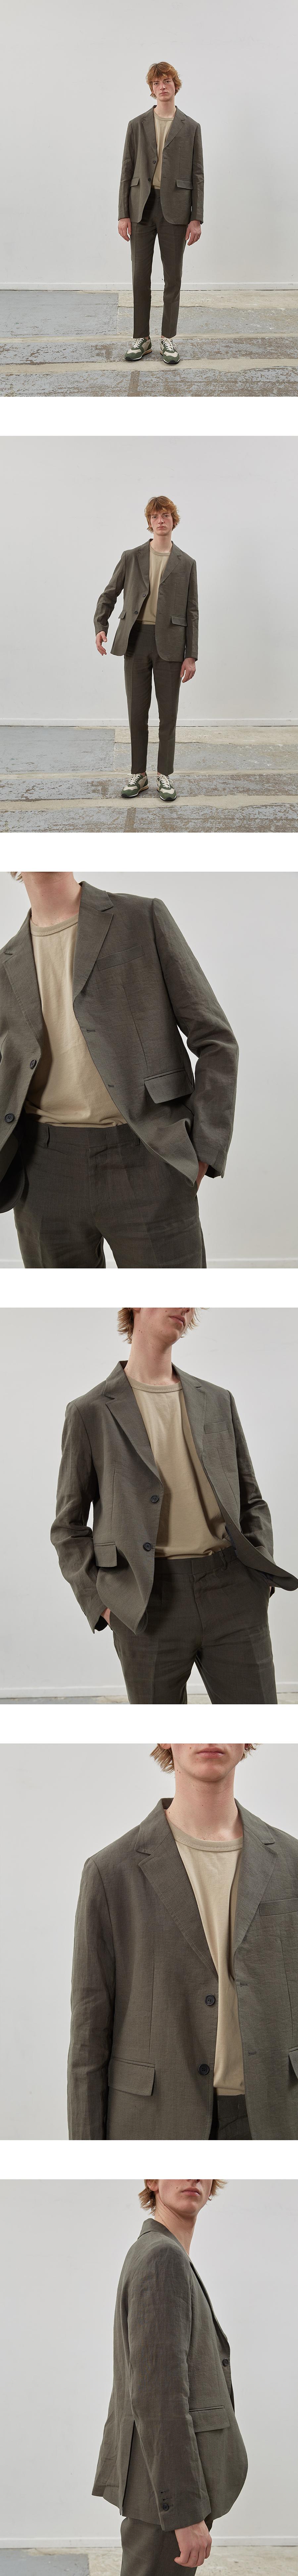 핸스(HANCE) Ete Linen Set-up Jacket(Stately Khaki)